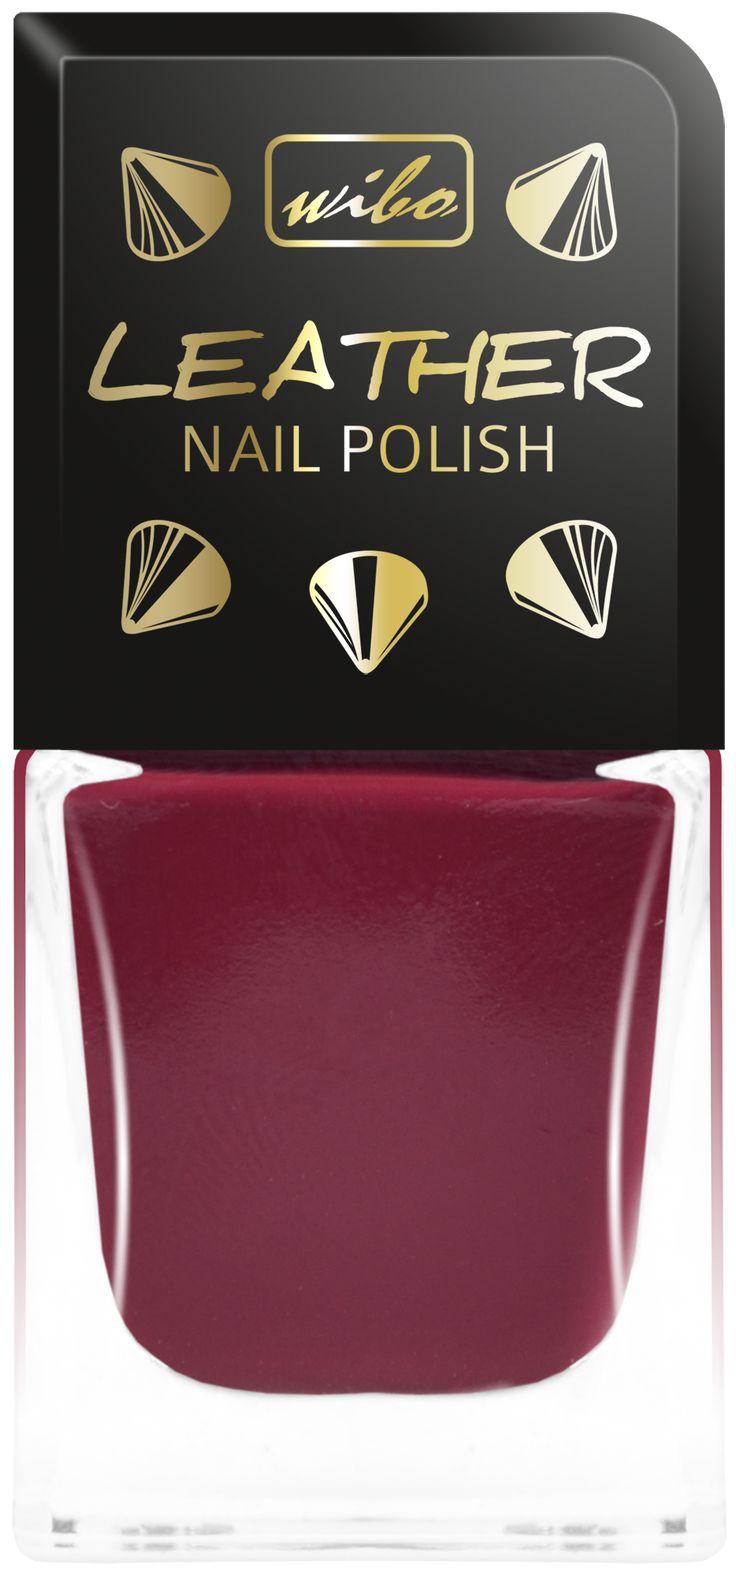 """Manicure """"na ROCKOWO"""". Piaskowa imitacja faktury skóry na powierzchni paznokci gwarantowana!  #nails #nail #manicure #black #leather #mani #manicure #piekne #dlonie #wibo #papierska"""